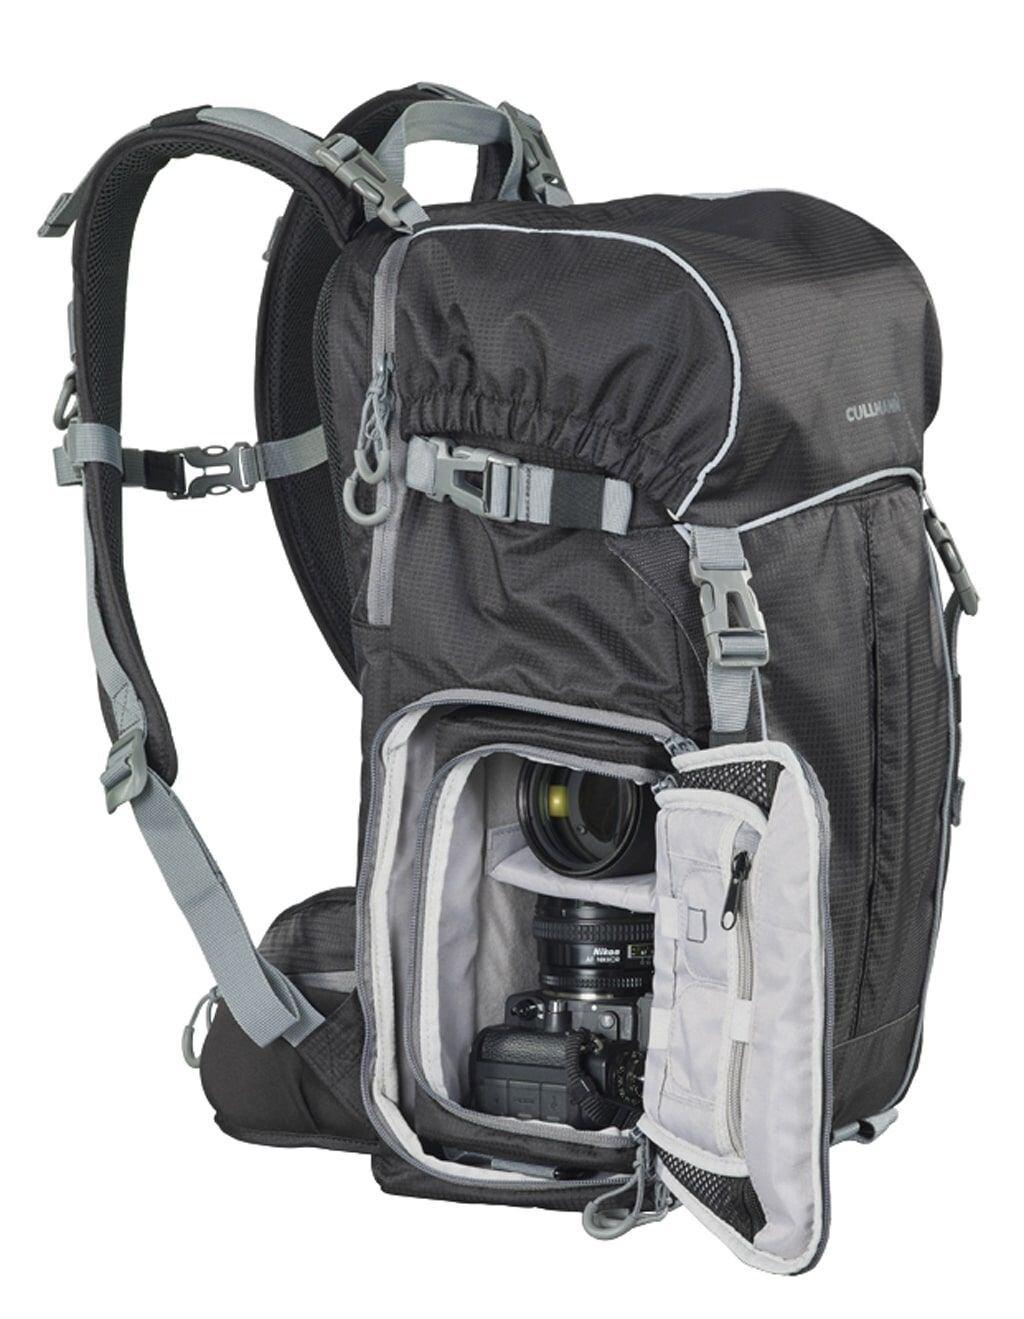 Cullmann Rucksack Ultralight 2in1 DayPack 600+ schwarz